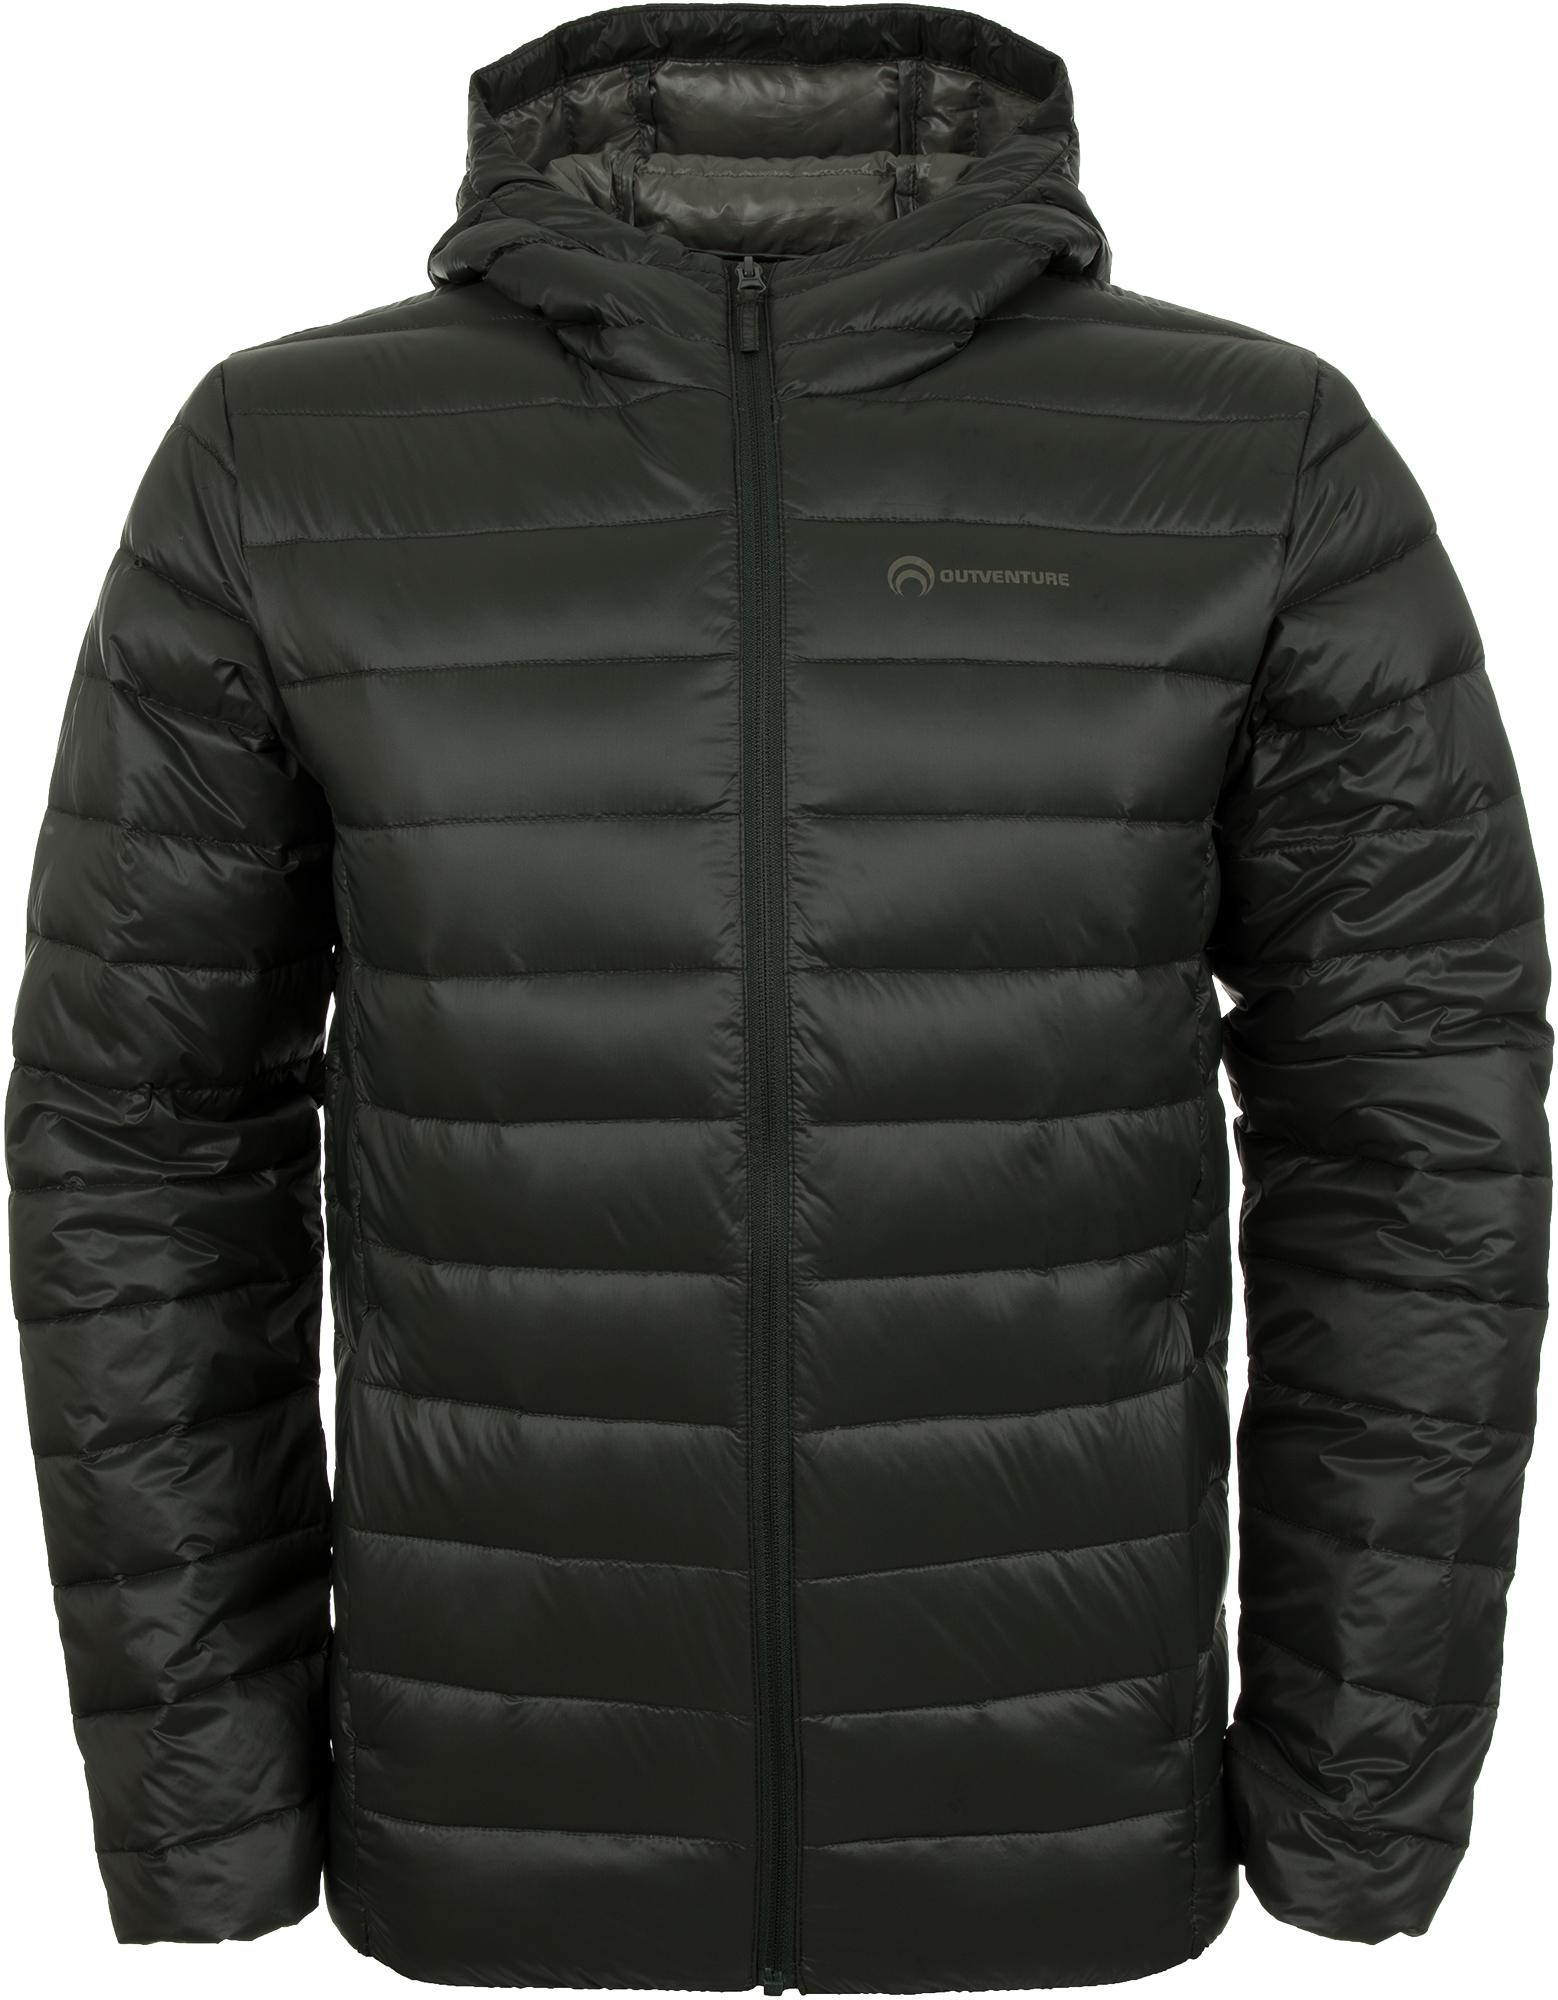 Outventure Куртка пуховая мужская Outventure, размер 50 цена 2017